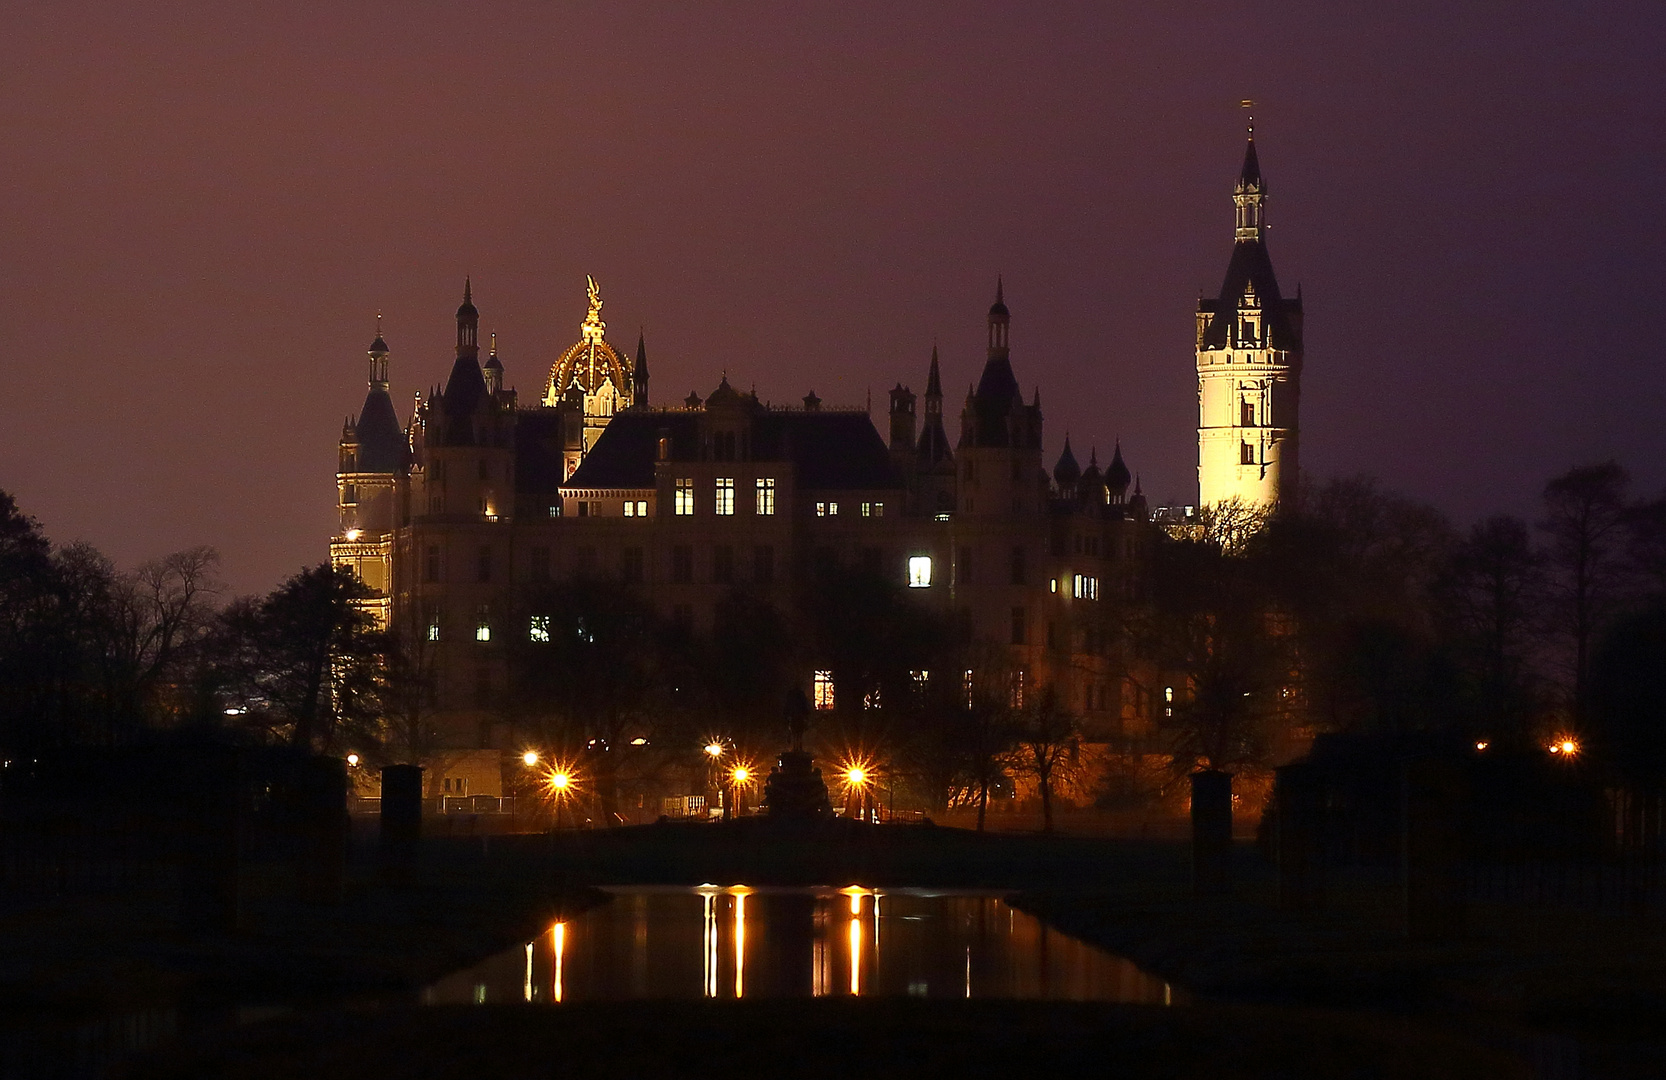 Schloßansicht bei Nacht (Schwerin)